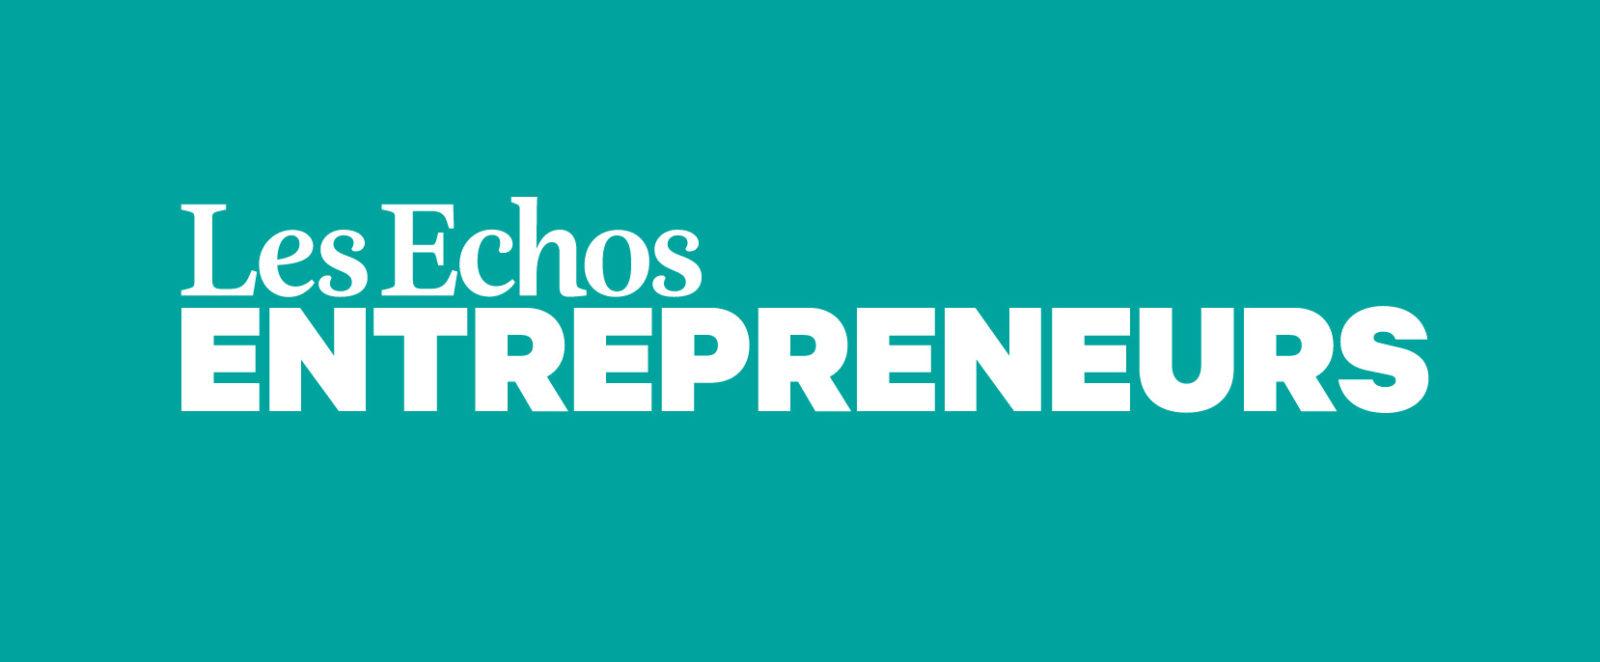 Article de presse sur Les Echos Entrepreneurs